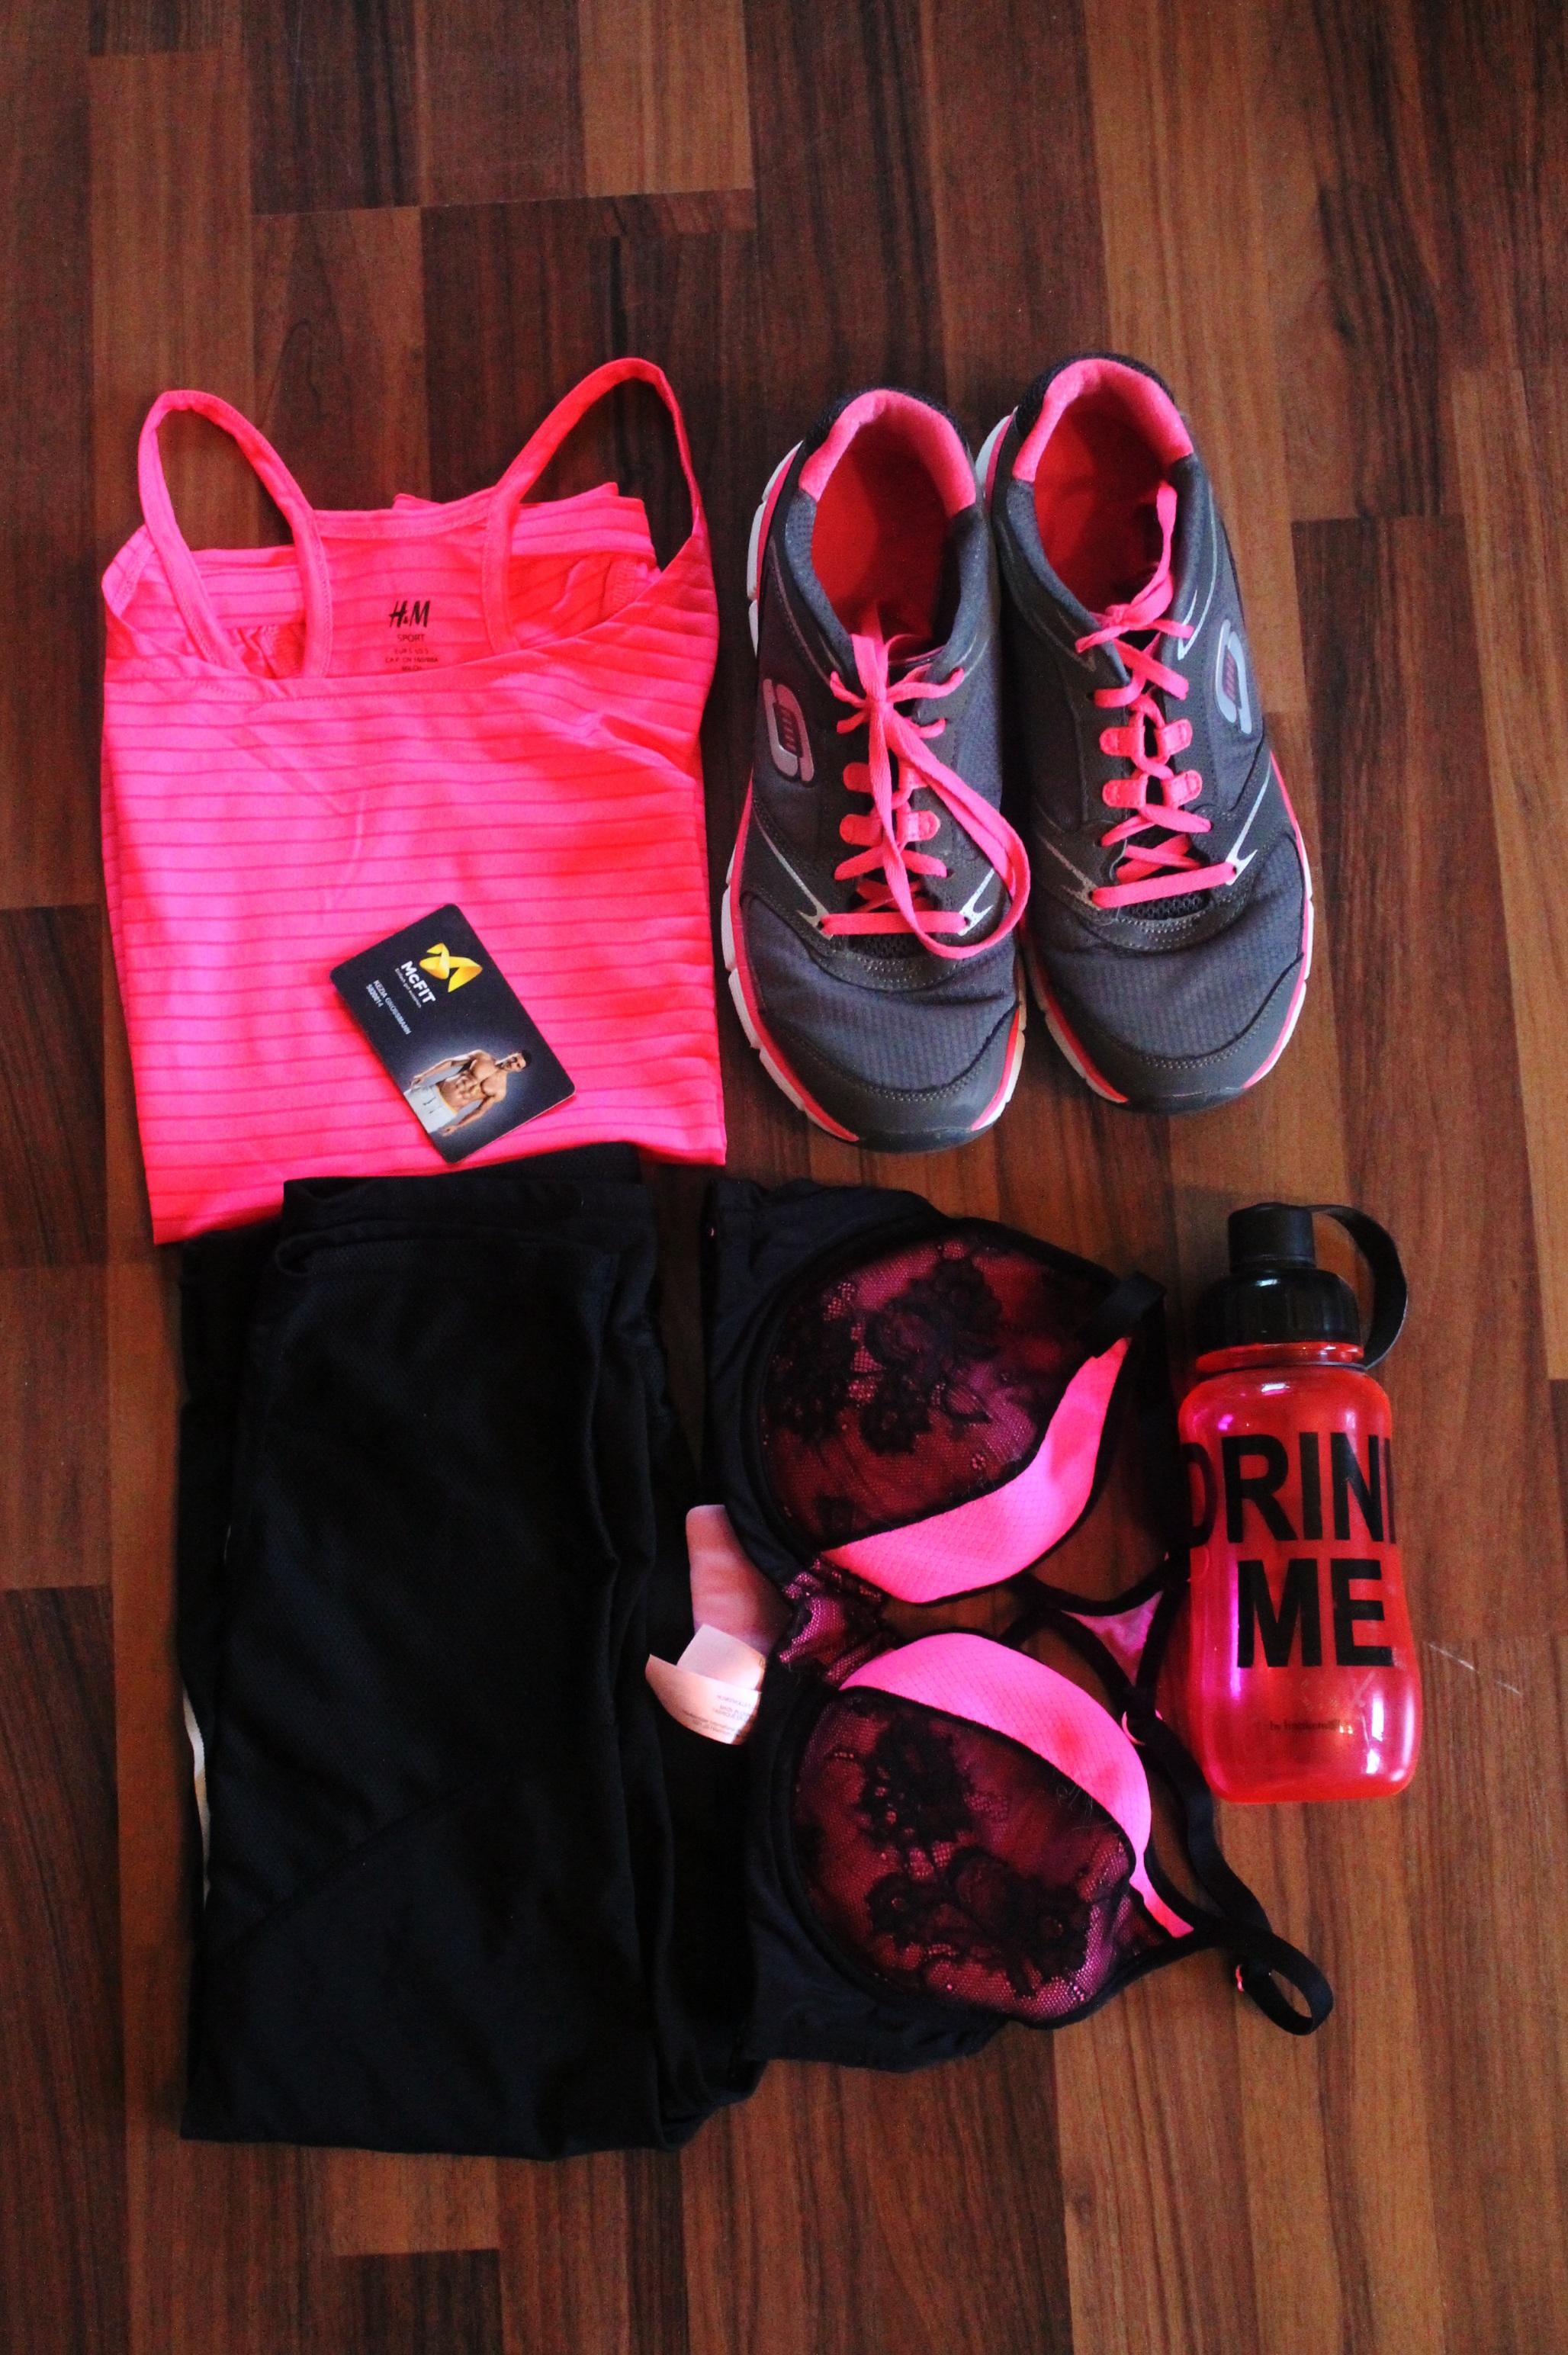 ... berwarna merah muda, kebugaran, Abu-abu, gaun, sepatu kets, alas kaki, botol air, kostum, diberkatilah Anda, celana olahraga, baju Olahraga, fungsi top, ...